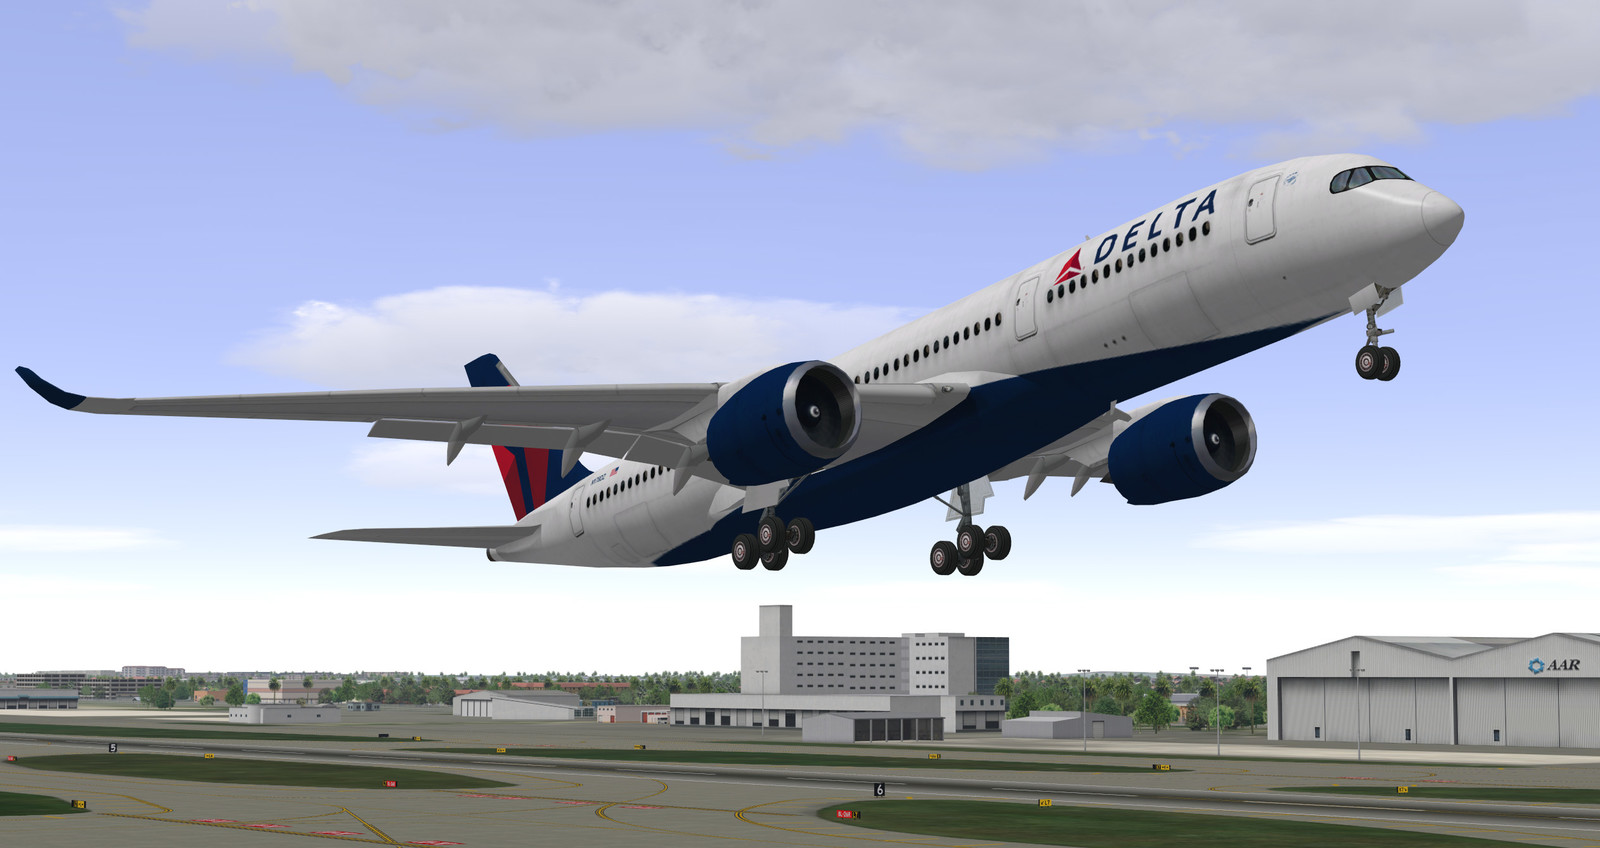 Delta A350 takeoff from Atlanta